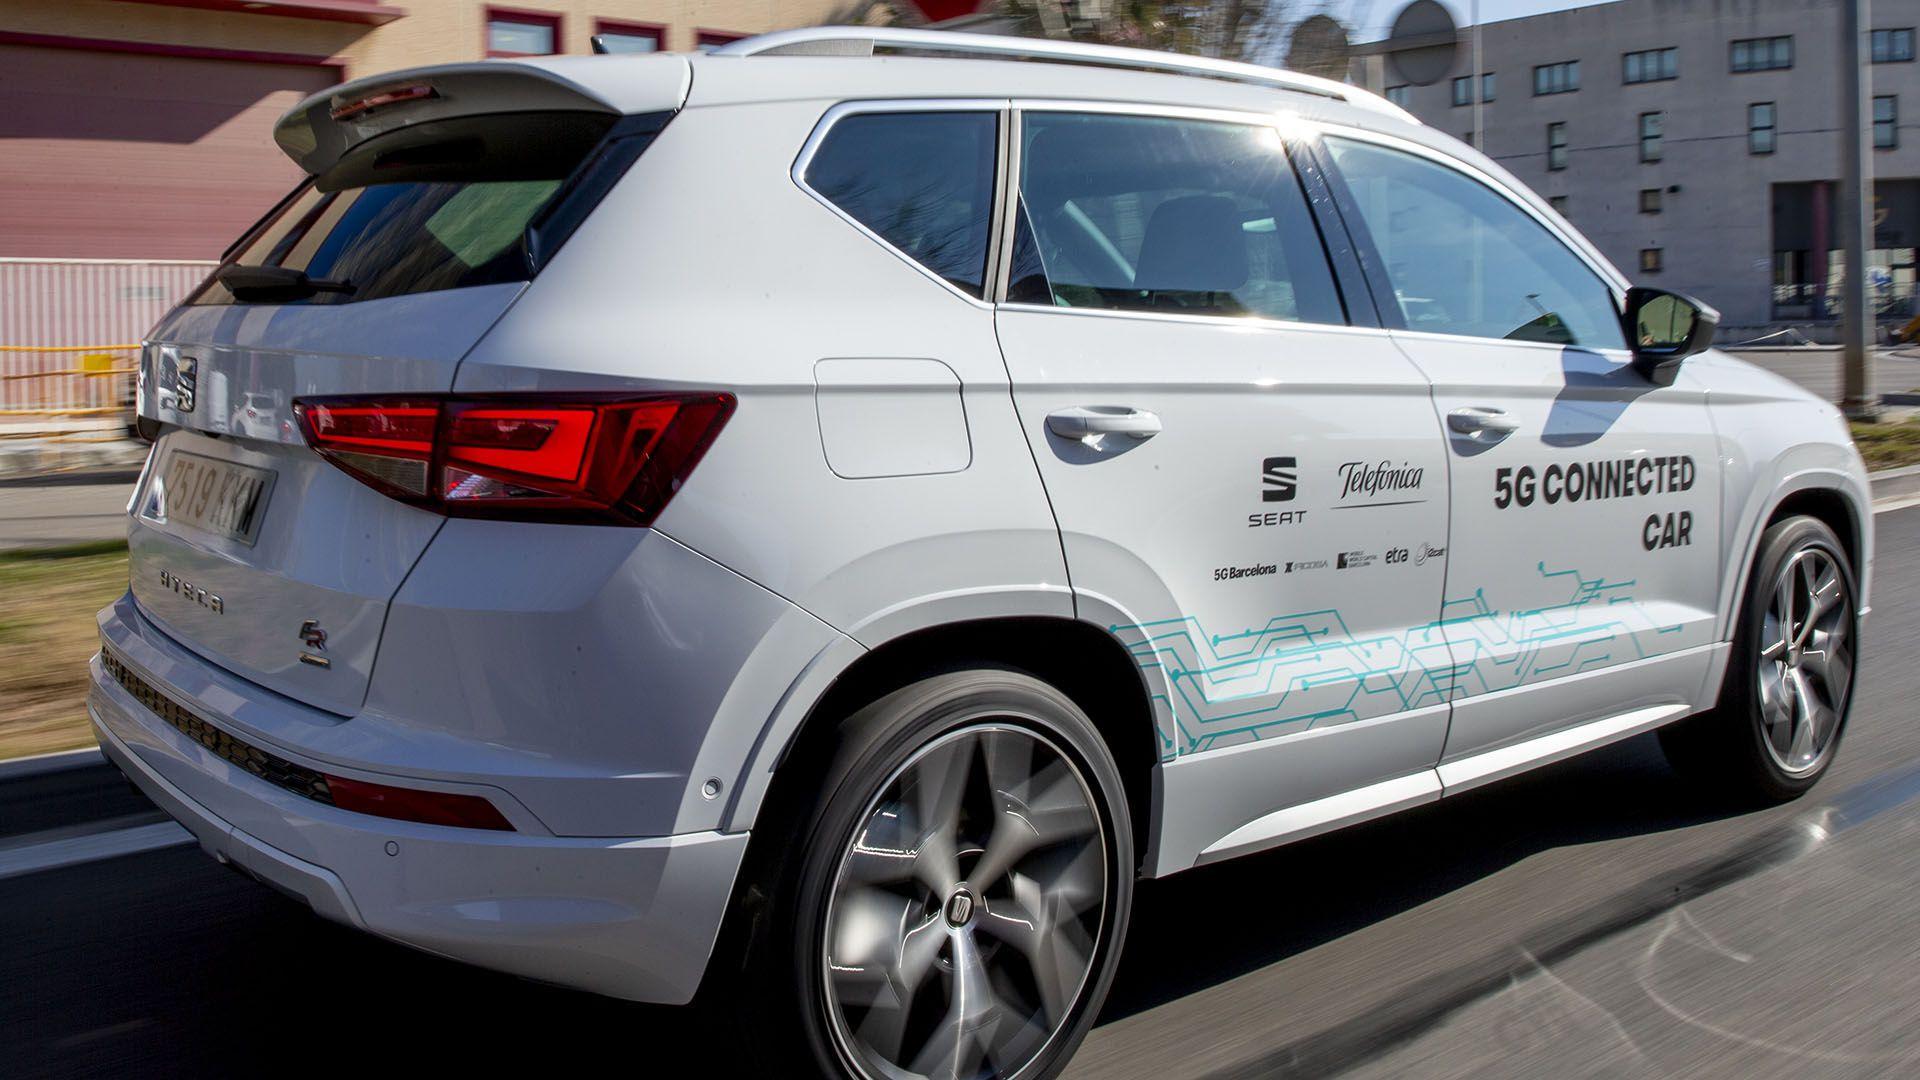 Un vehículo Seat conectado con tecnología 5G provista por Telefónica que se usó en pruebas realizadas en la feria MWC en Barcelona, en 2019